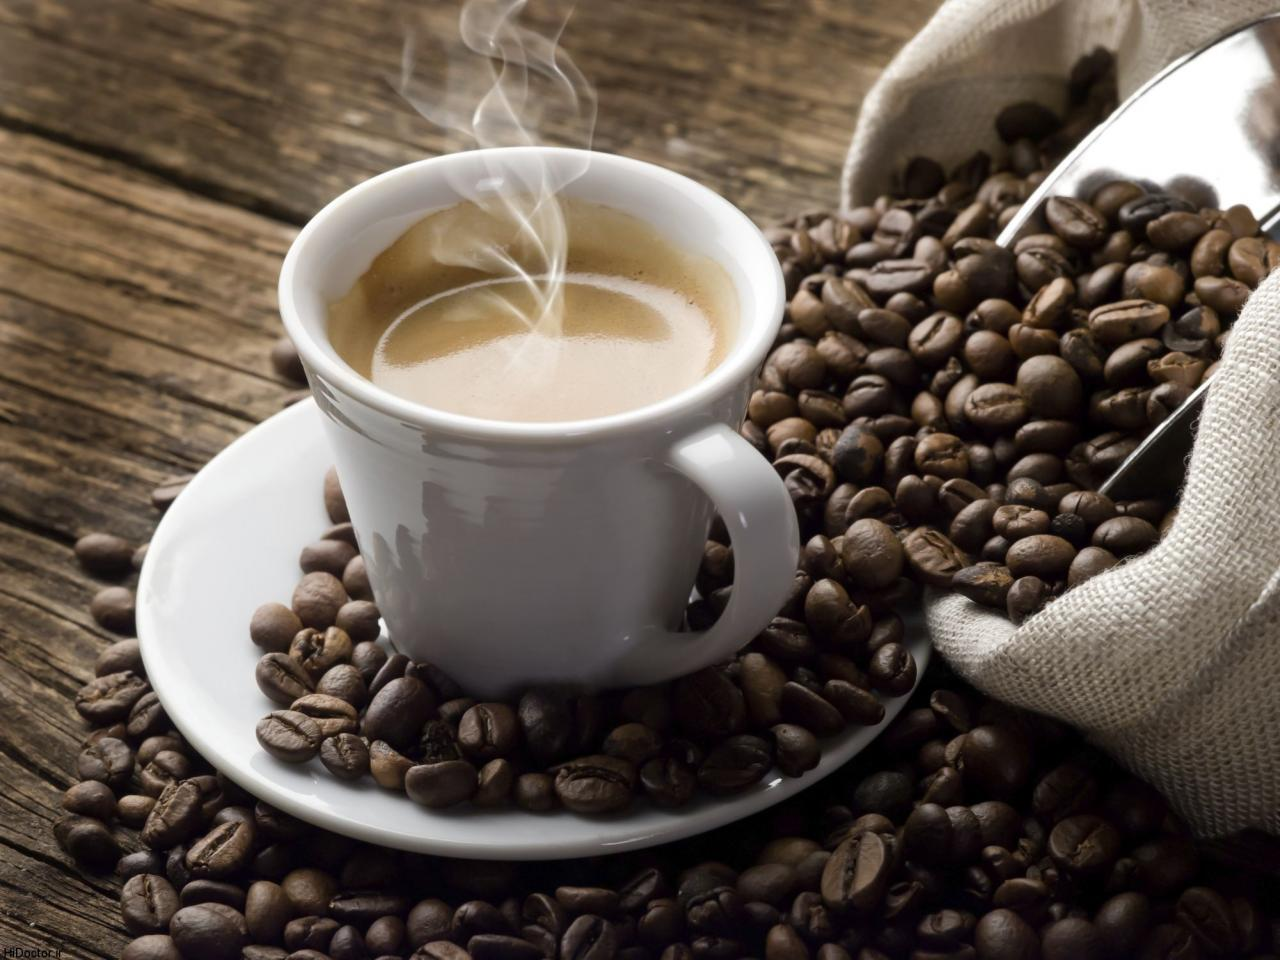 بهترین زمان نوشیدن قهوه چه ساعتی است؟|خبر فوری